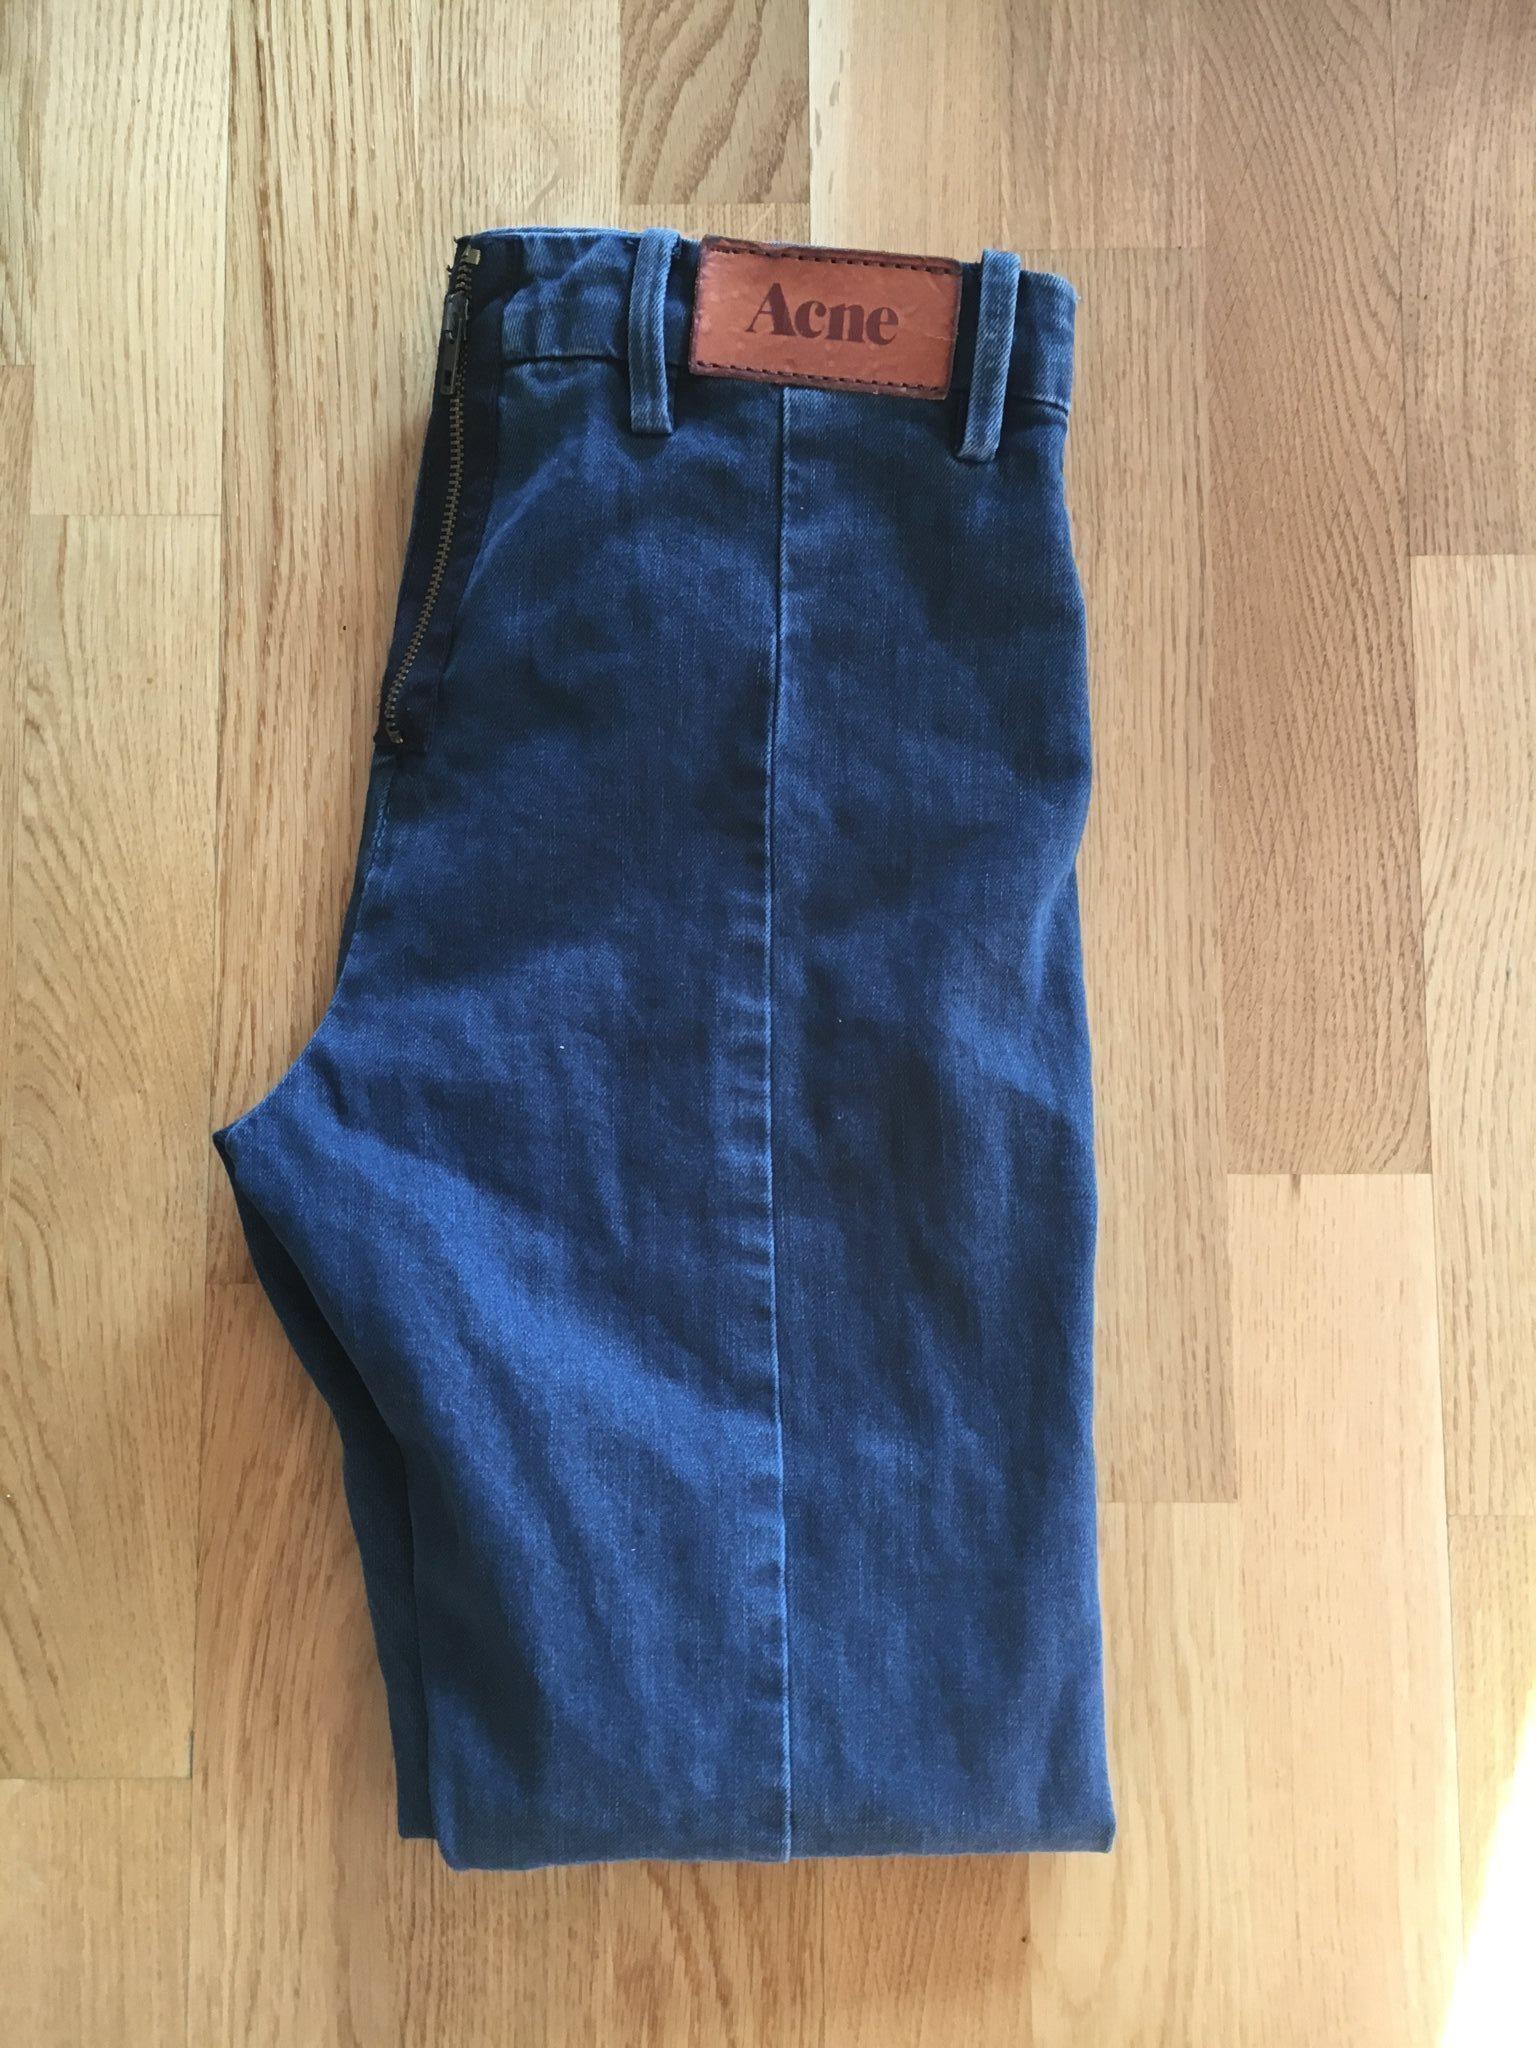 acne jeans dragkedja bak